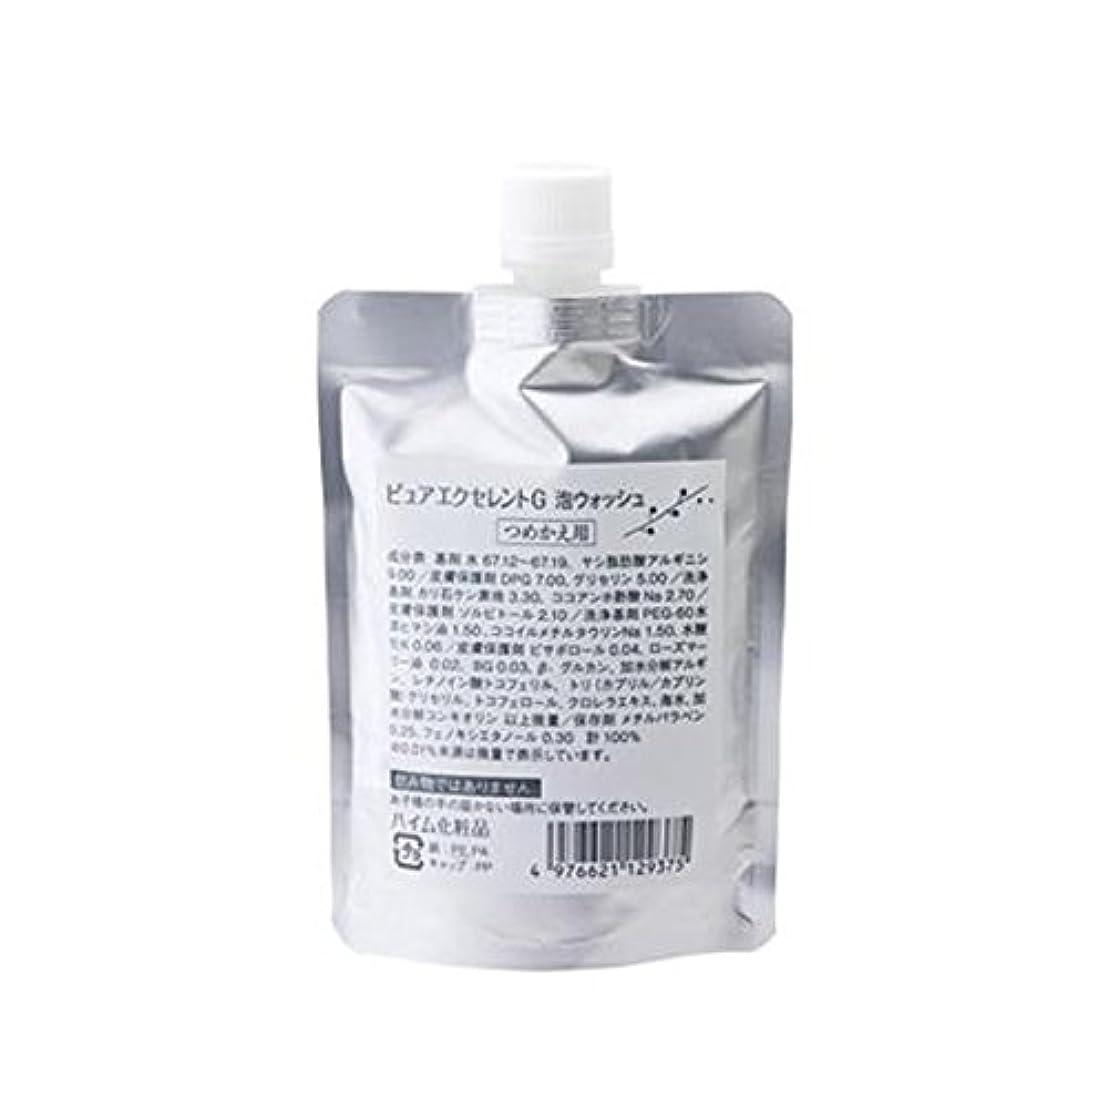 整理する重要なシャッフルハイム化粧品/泡ウォッシュ(つめかえ用)【ピュアエクセレントG】